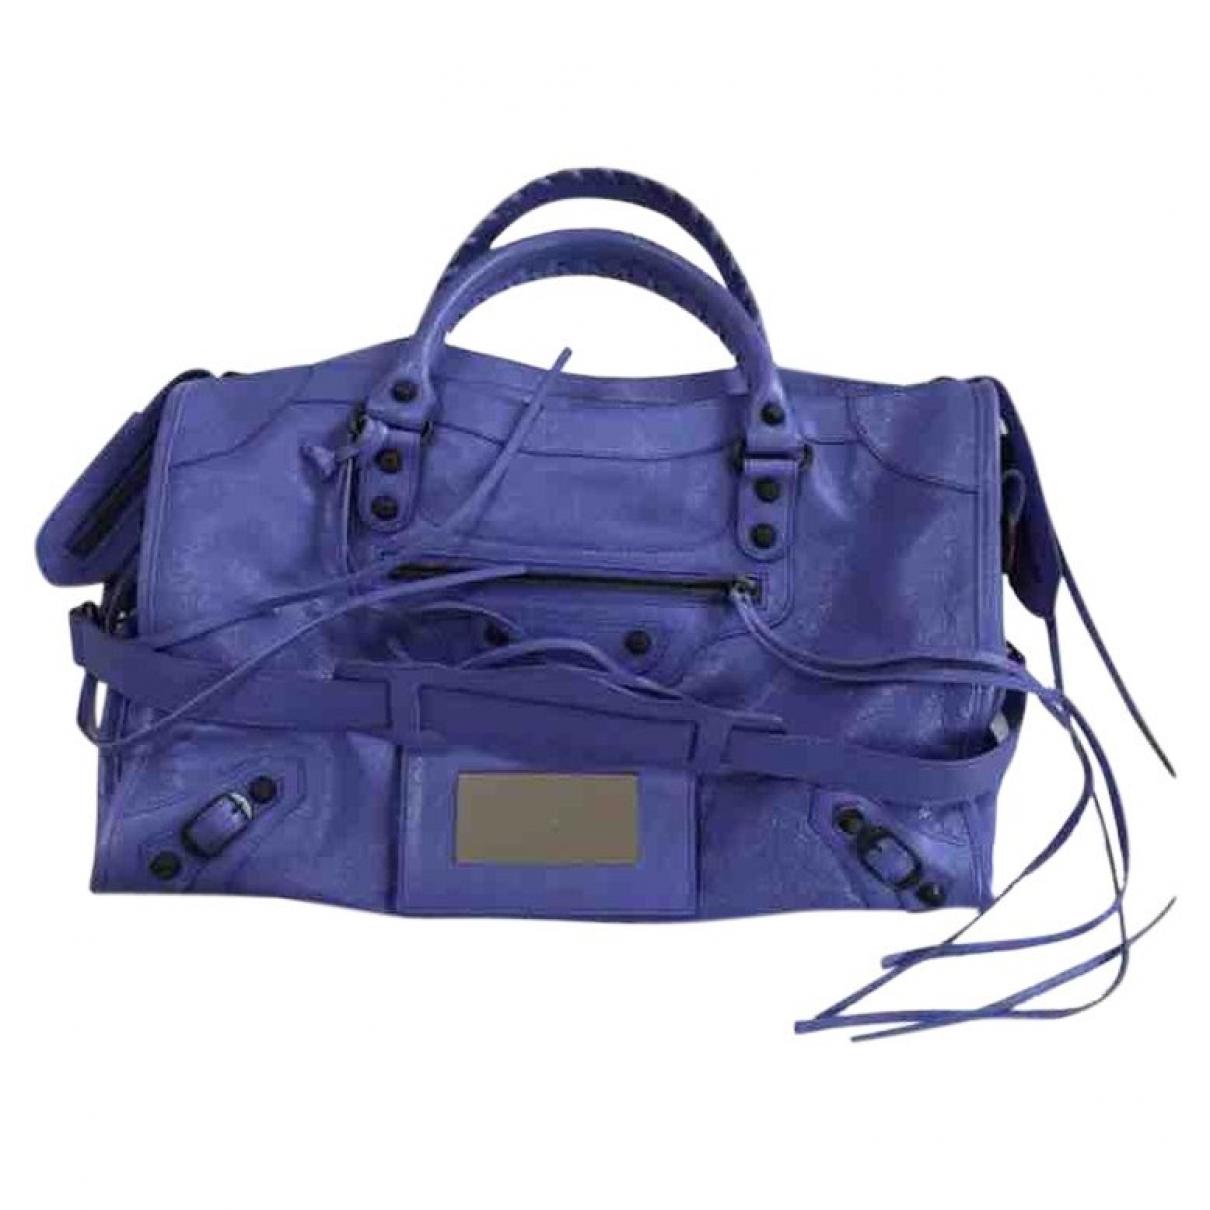 Balenciaga City Handtasche in  Lila Leder